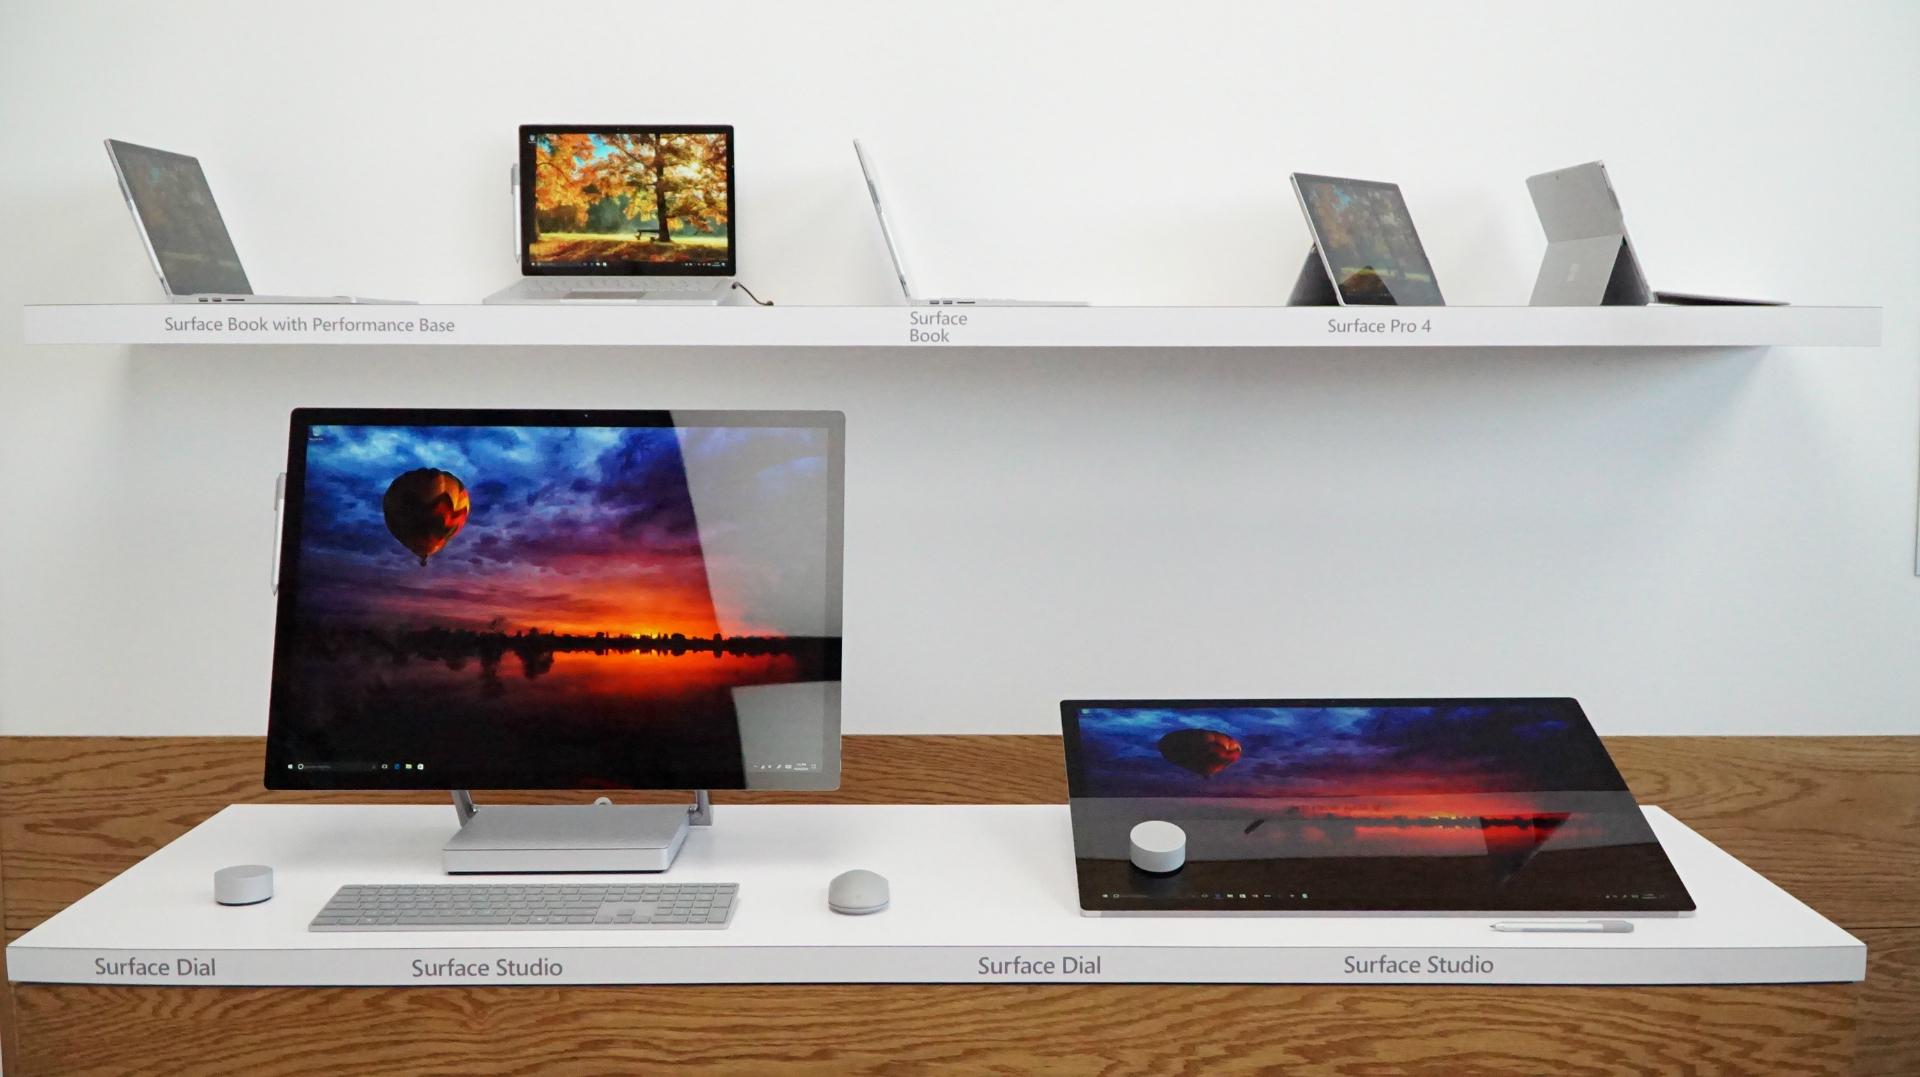 Surface studio vs imac new - Surface Studio Vs Imac New 43